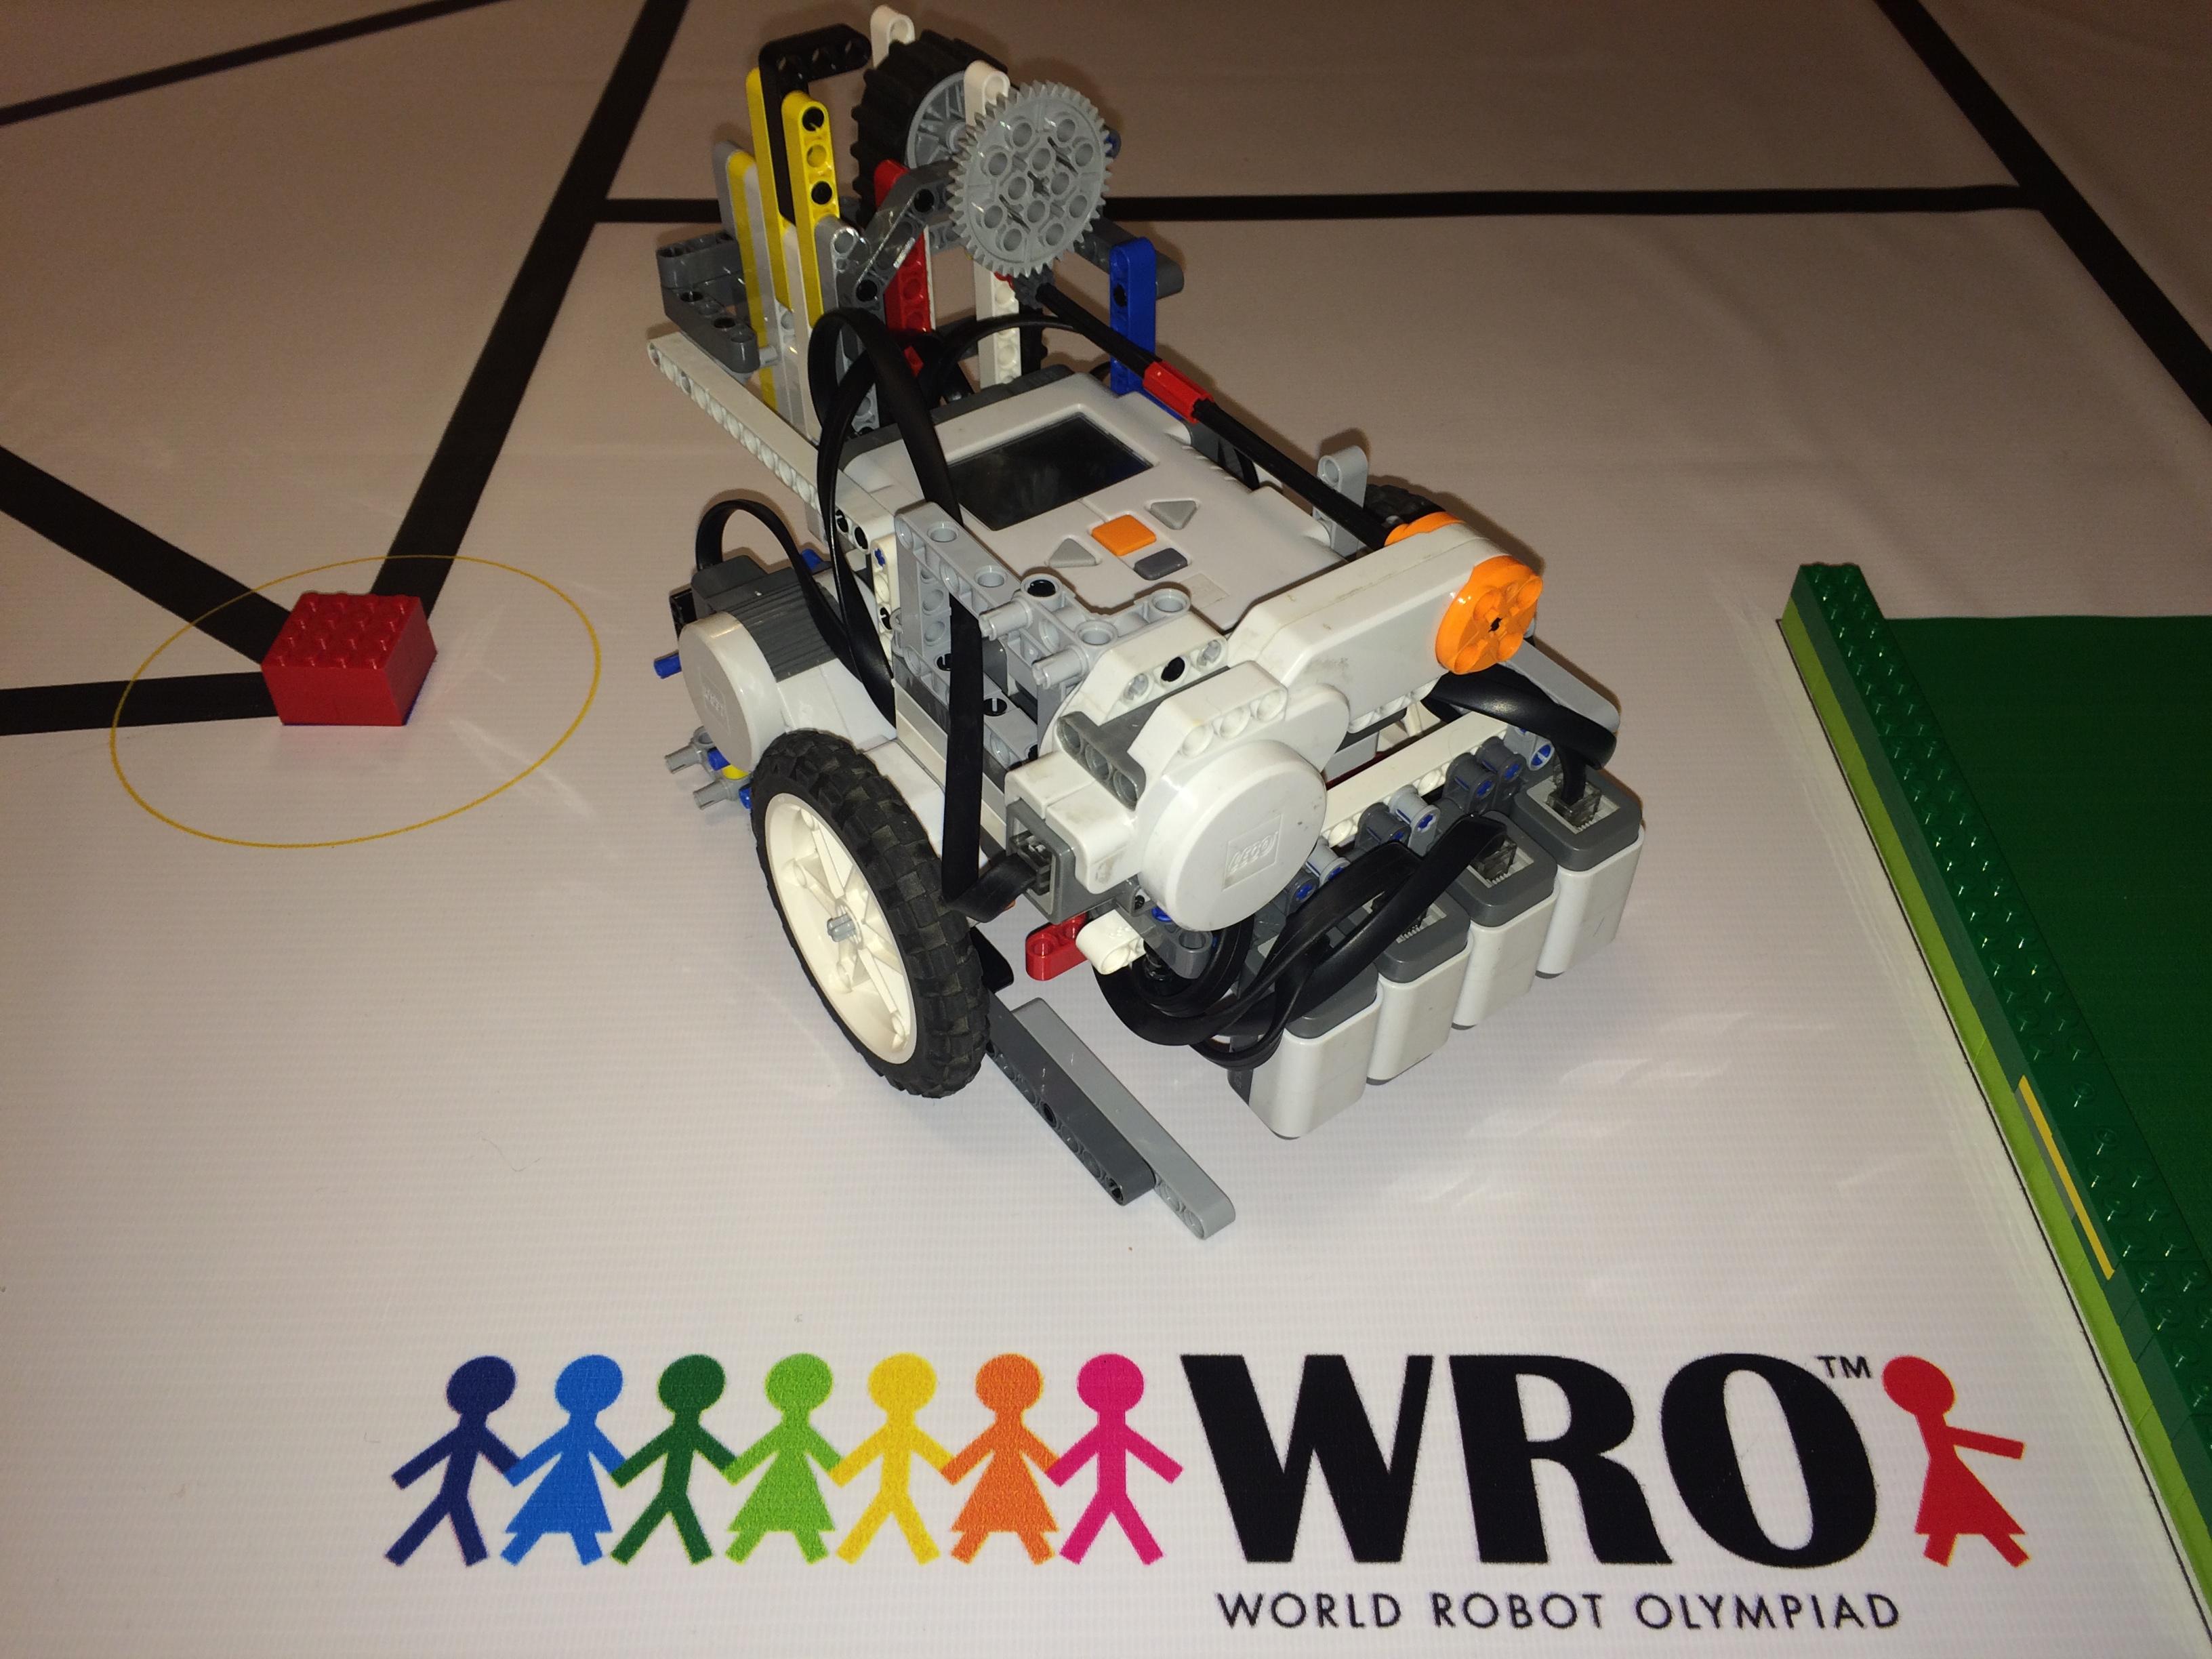 Пример робота для прохождения трассы WRO 2016, Regular Category, Elementary, Solution